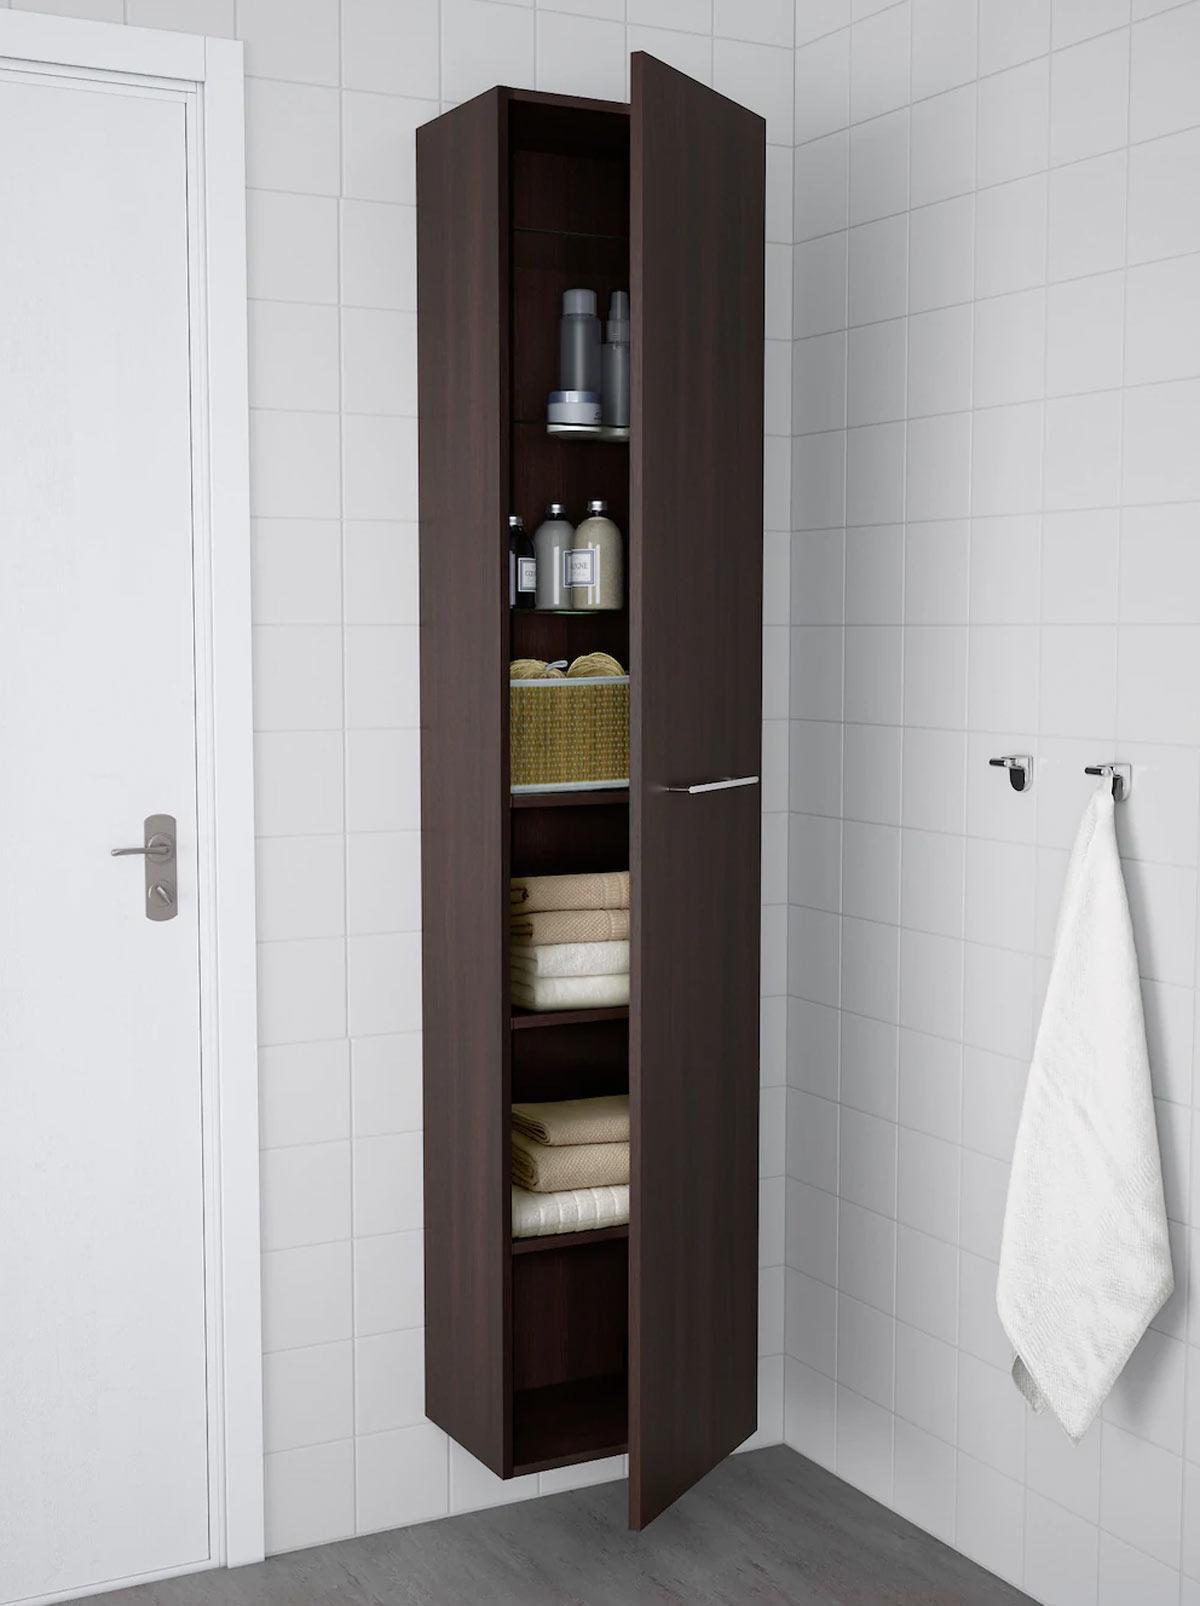 Mobile Bagno Ikea Immagini ikea bagno: i mobili del catalogo 2020! lasciati ispirare